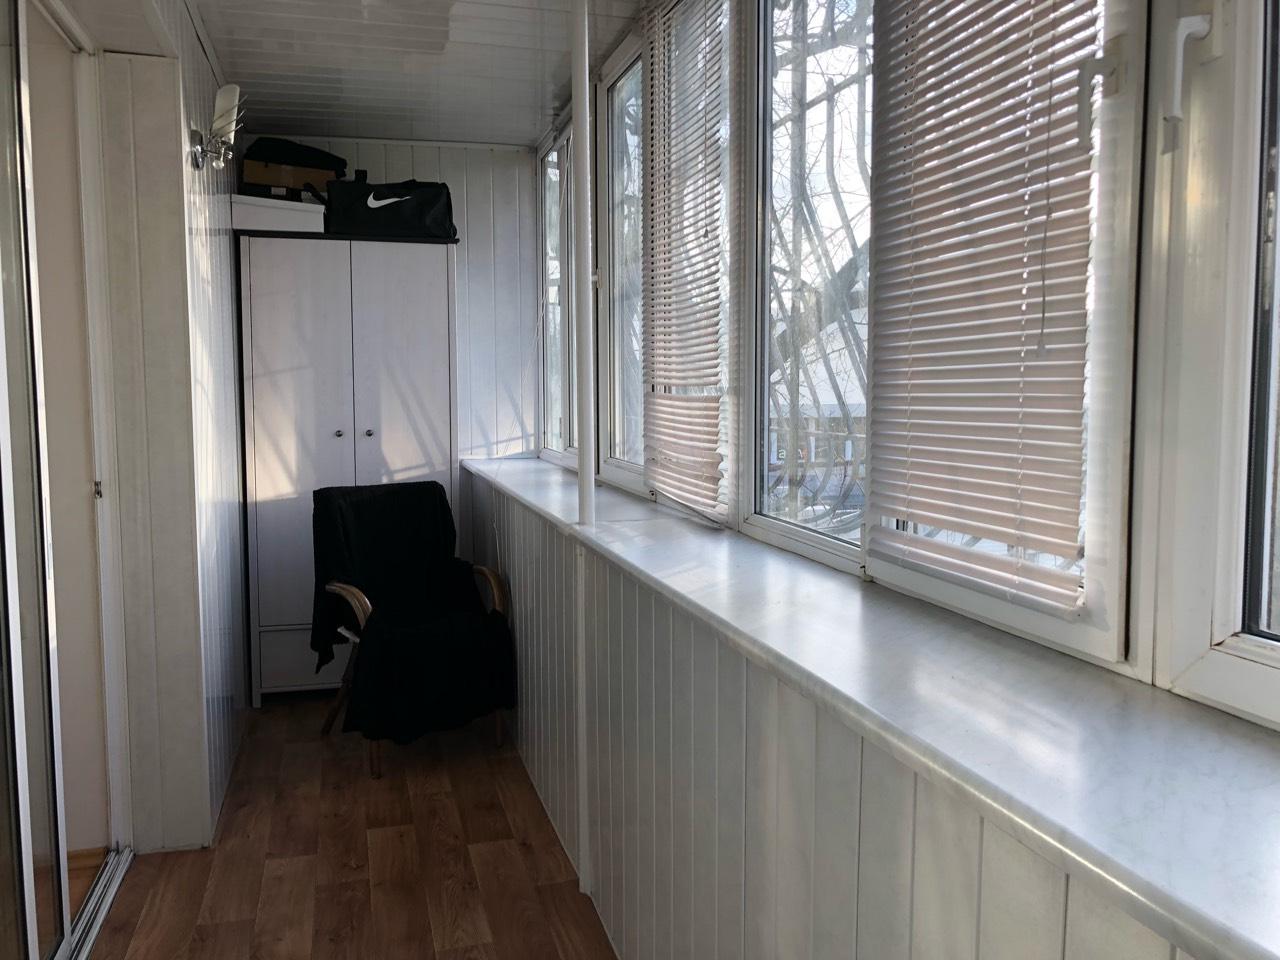 Продается 4-комнатная Квартира на ул. Екатерининская — 95 000 у.е. (фото №11)